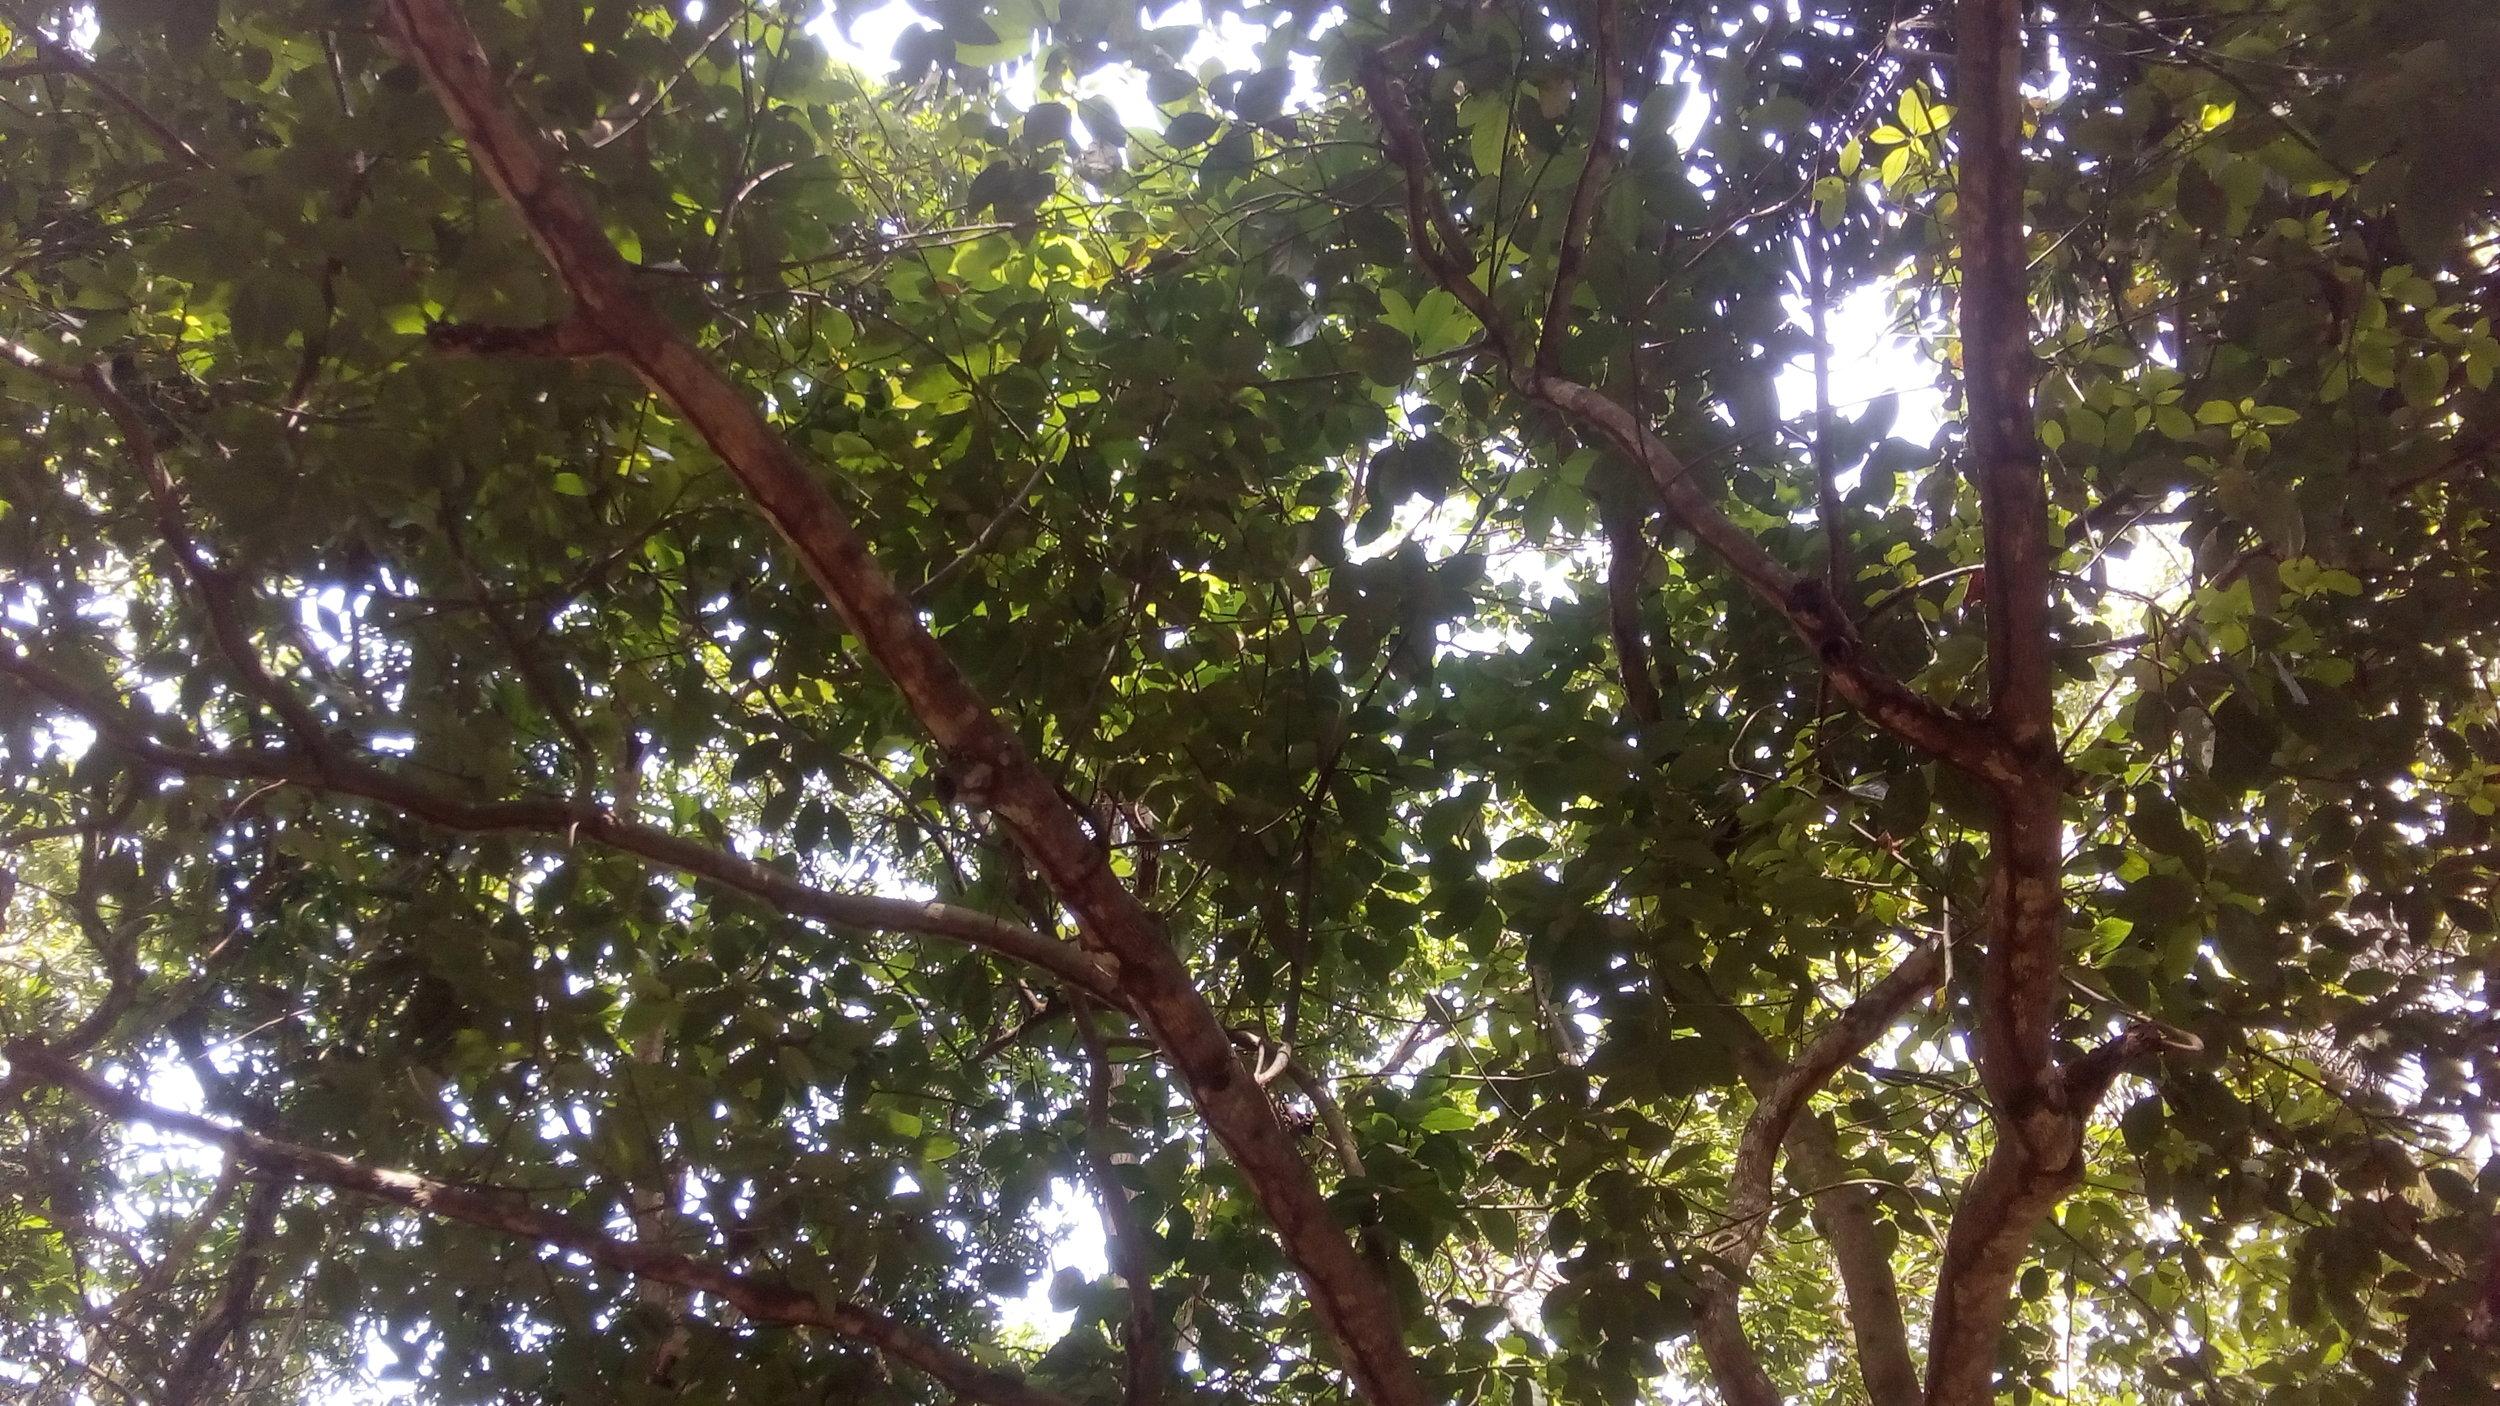 Sunlight enters the canopy at the Jardin Botanique in Bingerville,Côte d'Ivoire